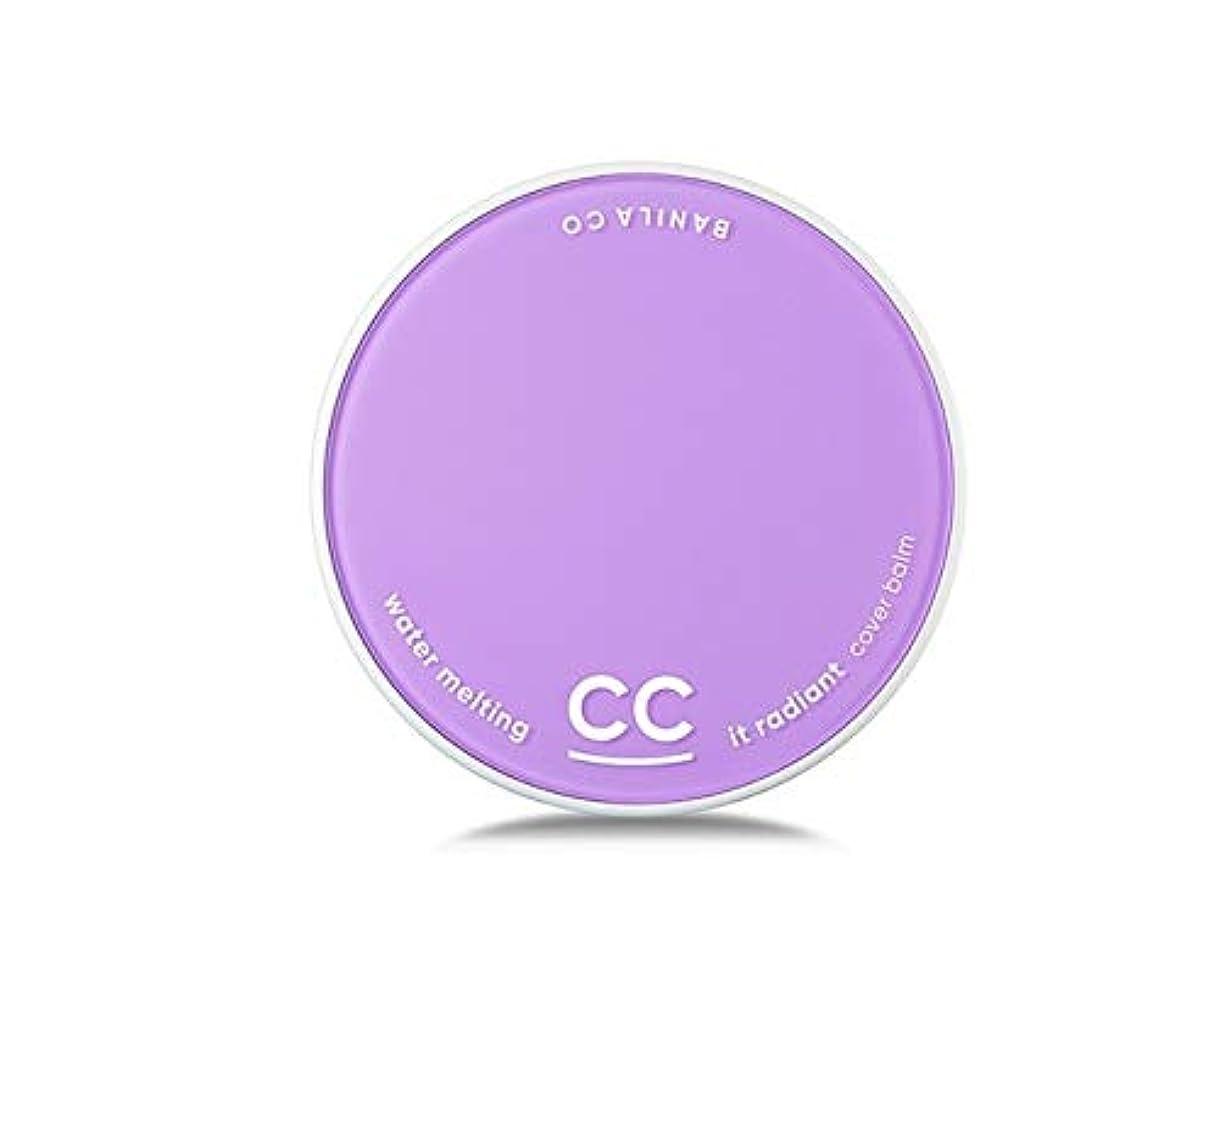 めまいがアッパーインシュレータbanilaco It Radiant CCエッセンスカバーバーム/It Radiant CC Essence Cover Balm 15g # natural beige [並行輸入品]